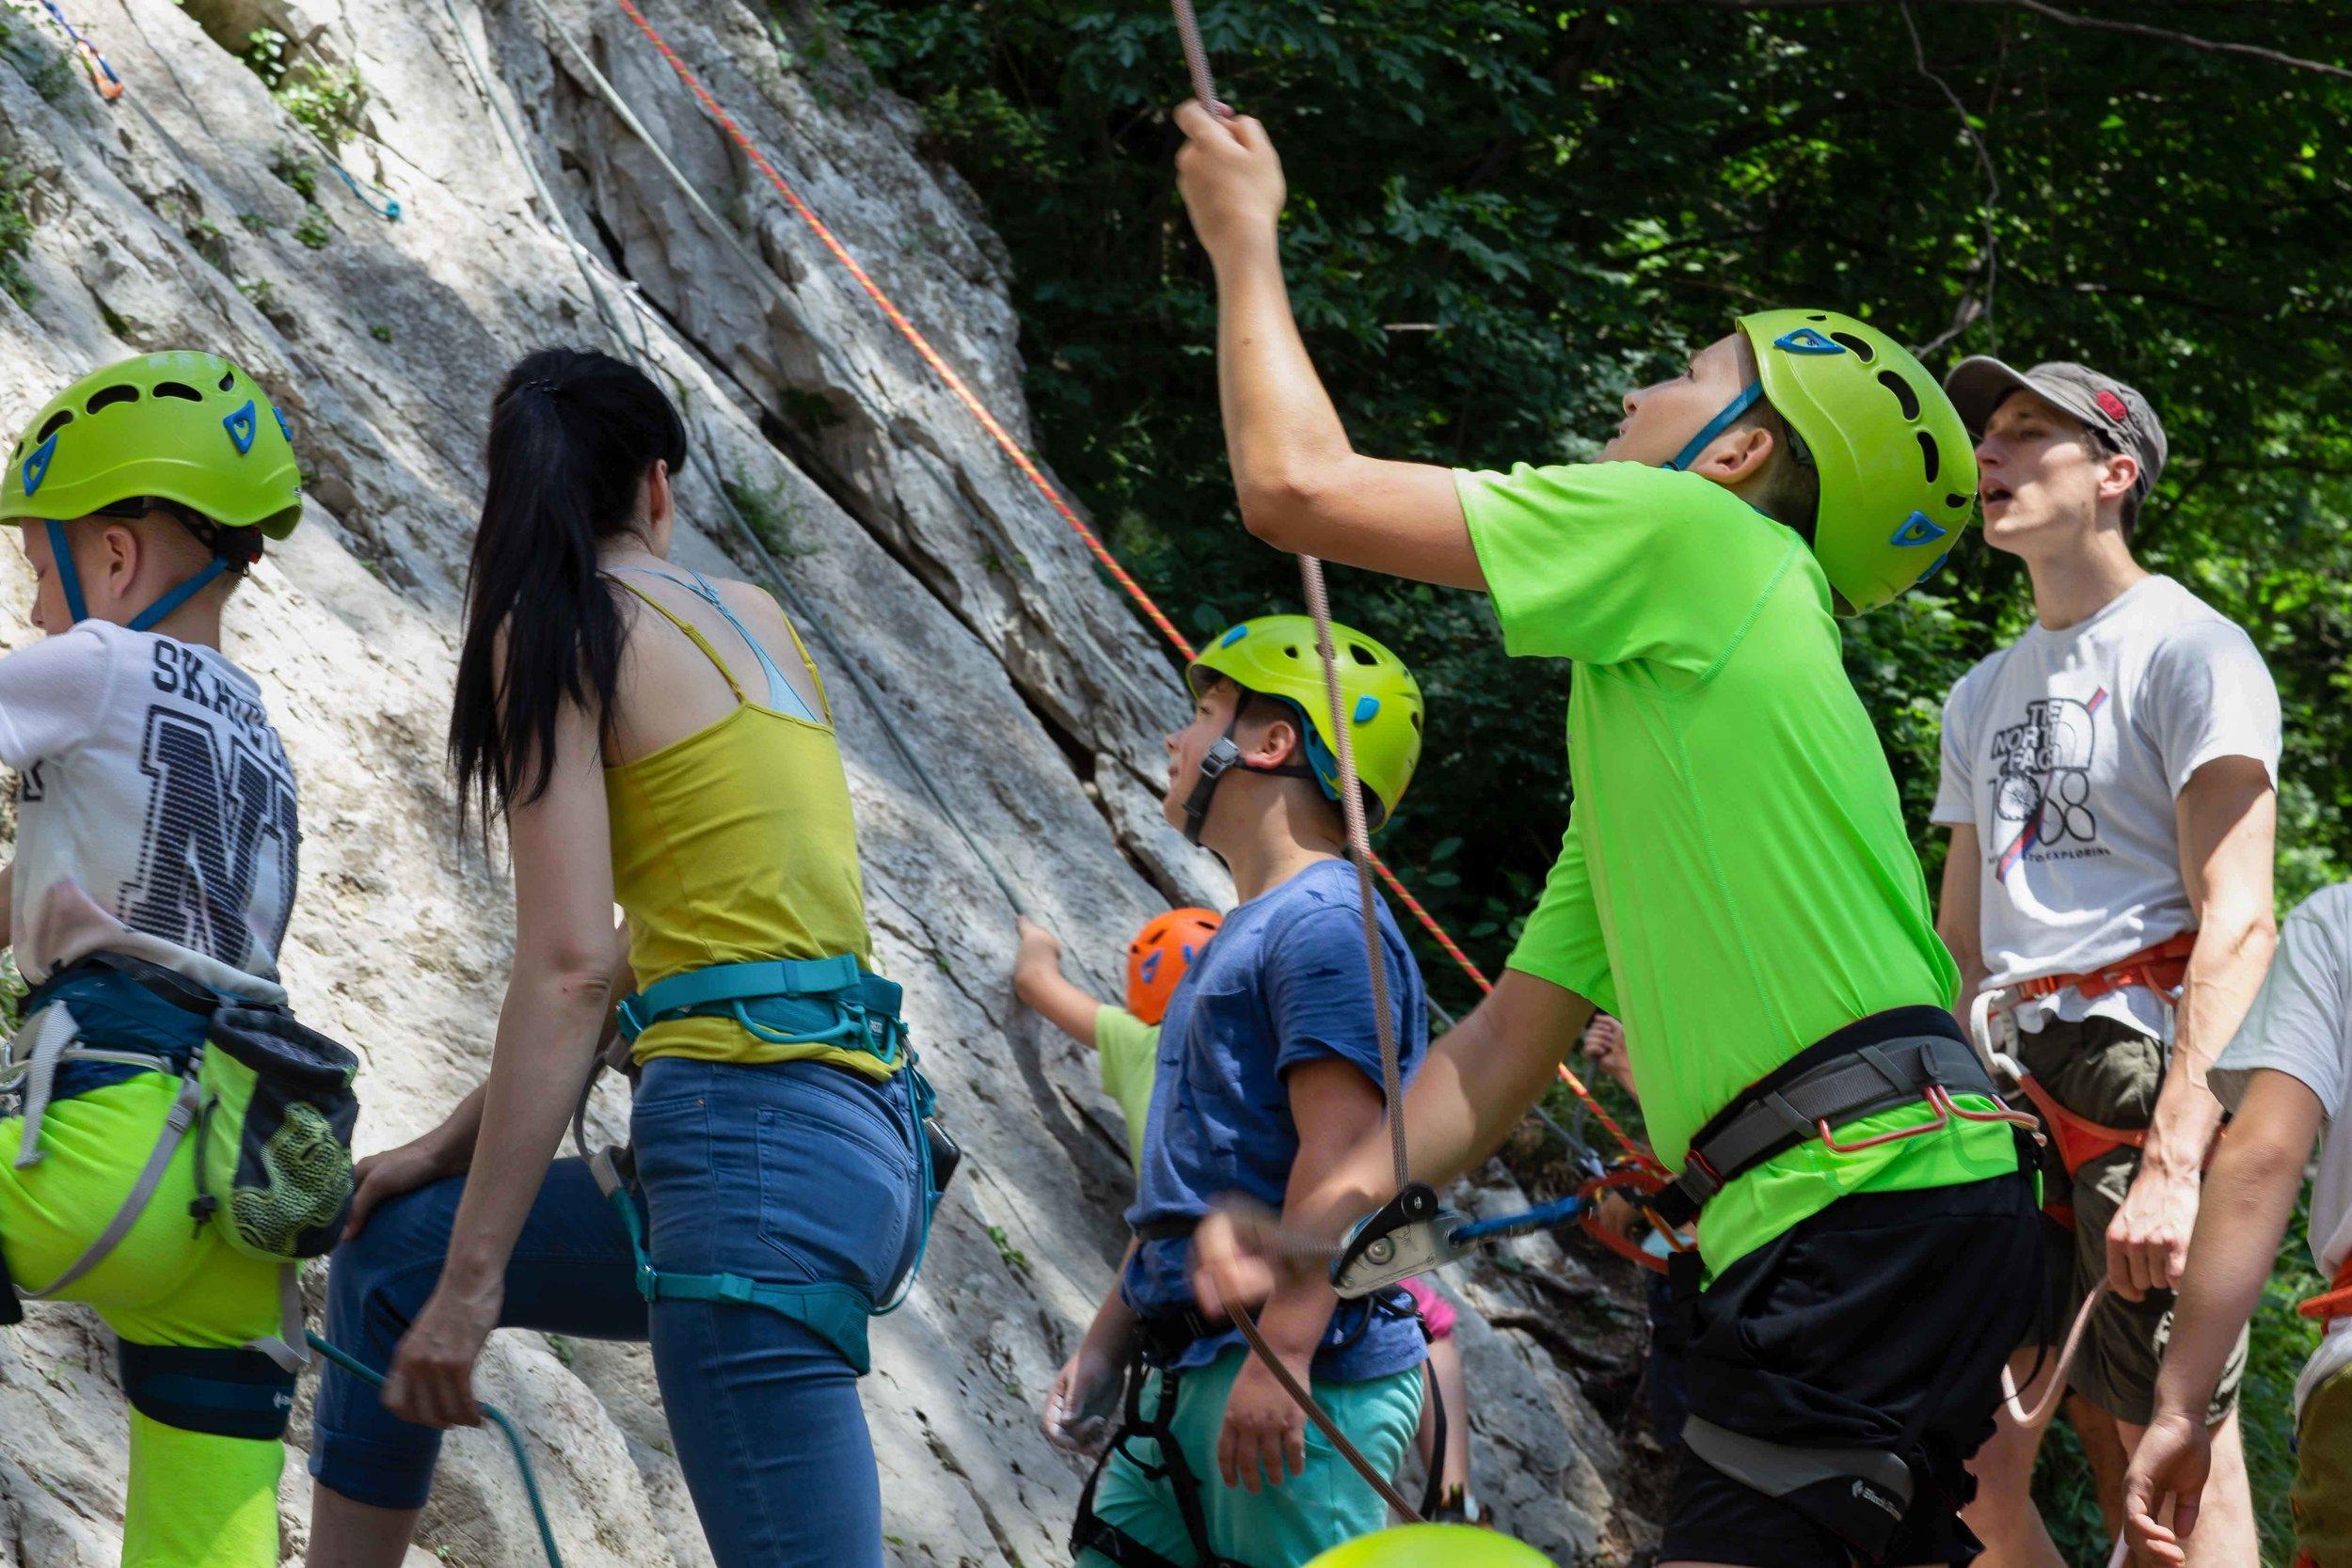 Zaključni plezalni izlet za otroke Grif_47.jpg